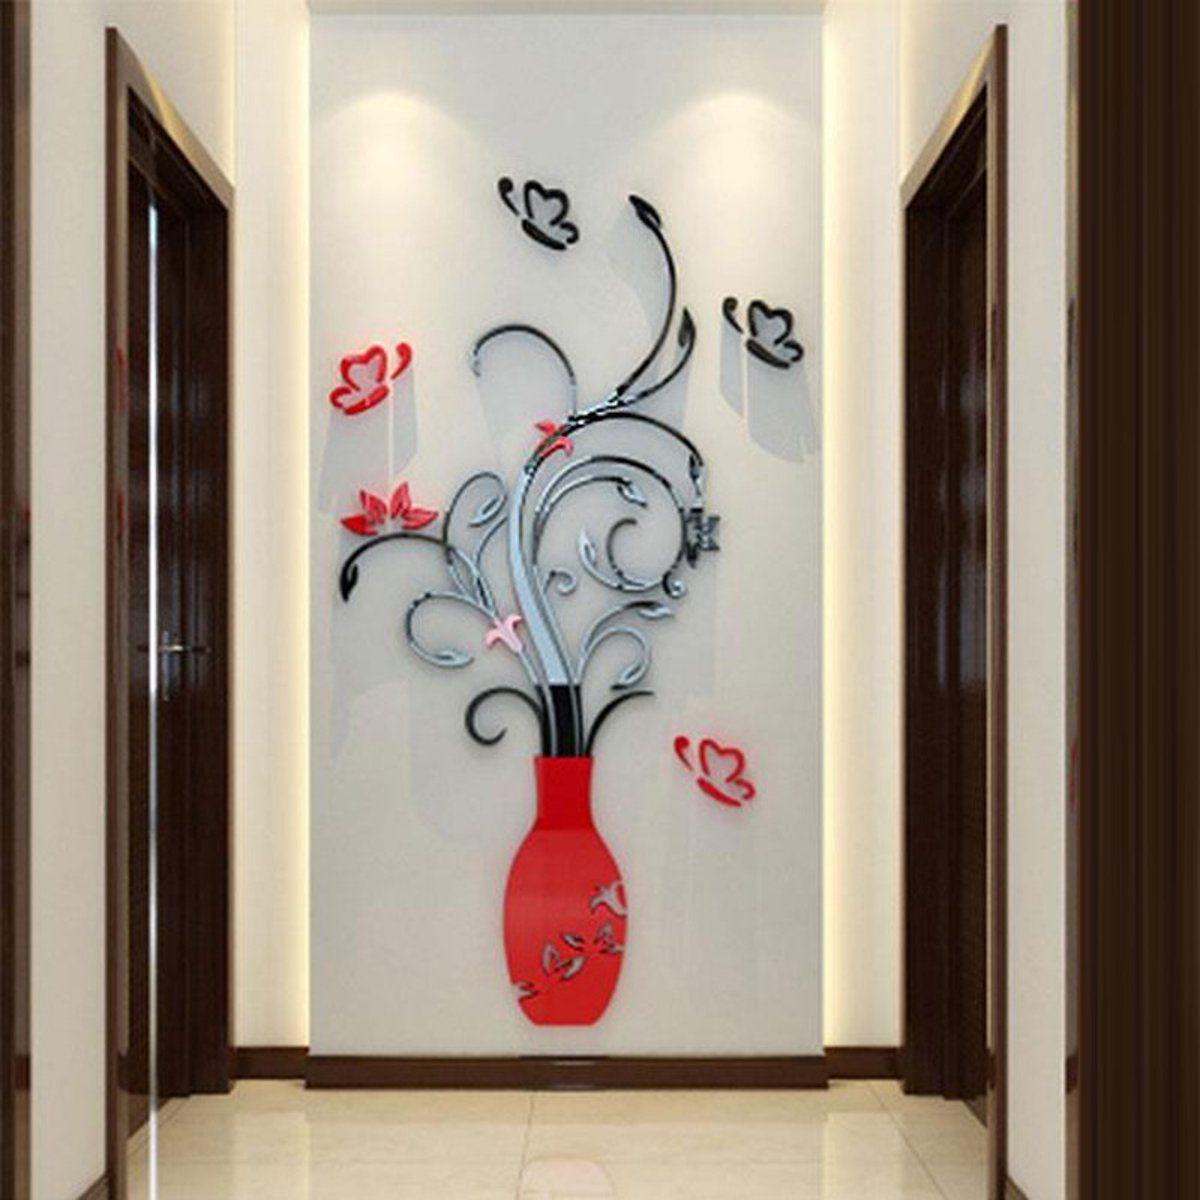 الكريستال الاكريليك 3d زهرة زهرية ملصقات الحائط مرآة الزجاج خلفيات الفن جدارية الشارات الأرجواني الأحمر diy الحرف المنزل غرفة الديكور